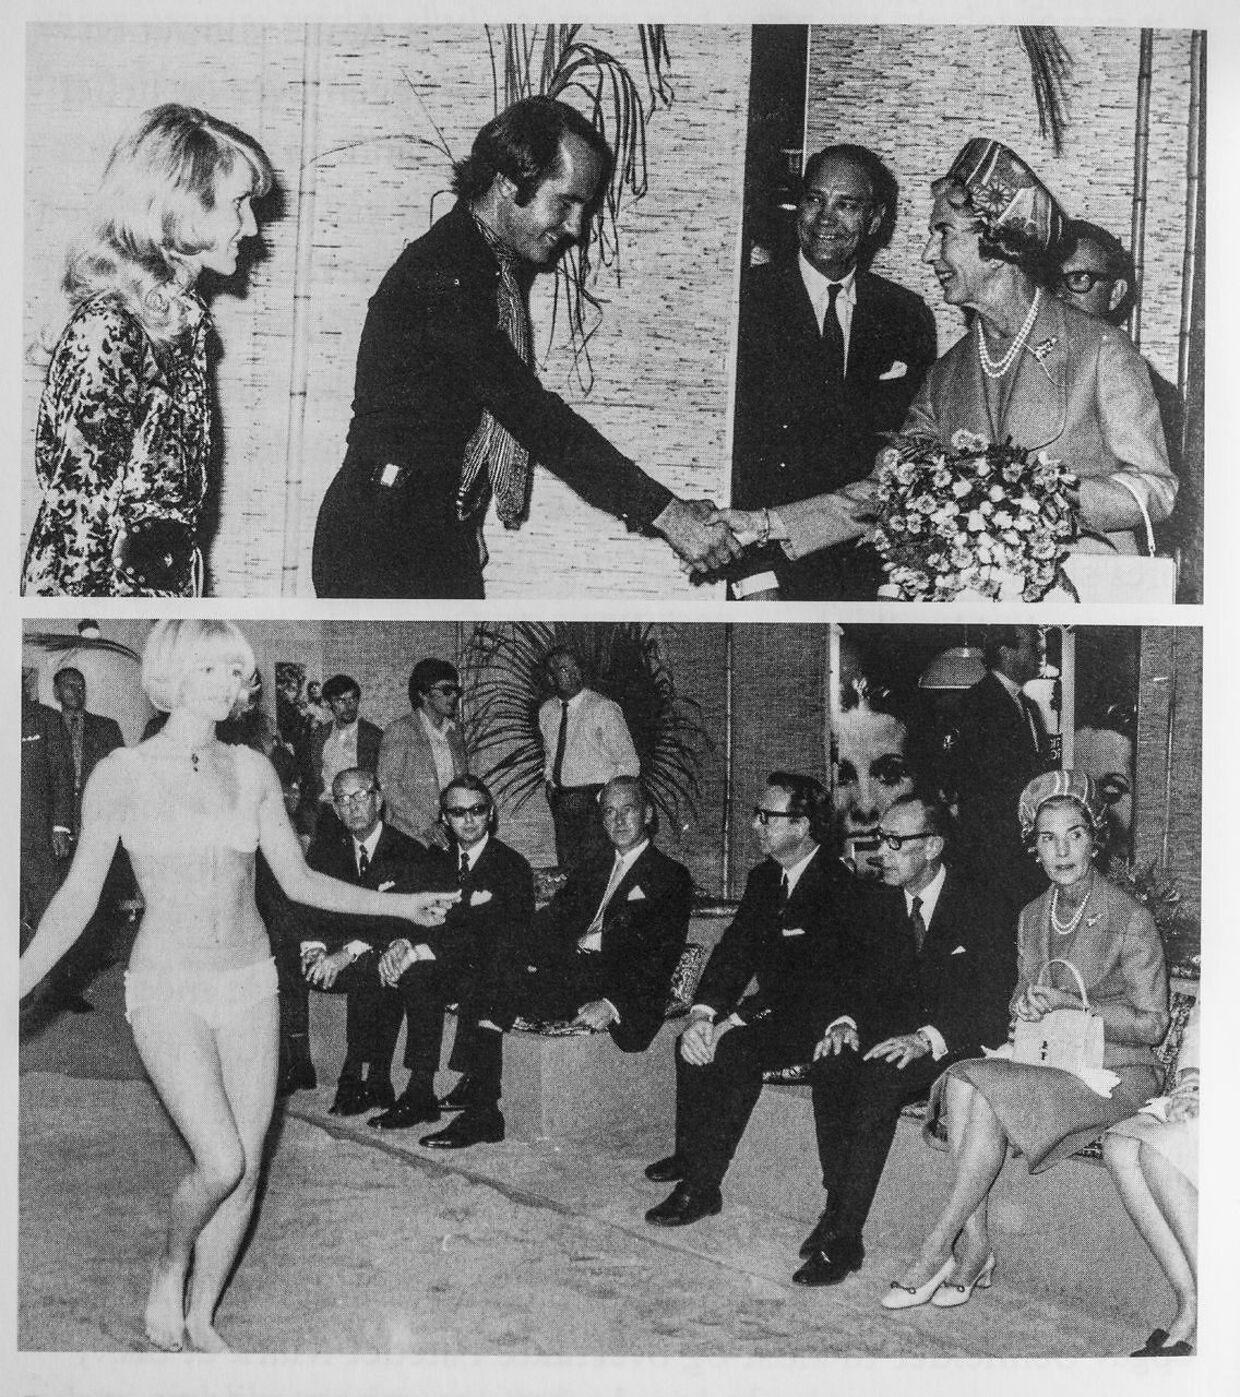 Der var både nøgenmodeller, verdensstjerner og Dronning Ingrid i Brandt-parrets omgangskreds.